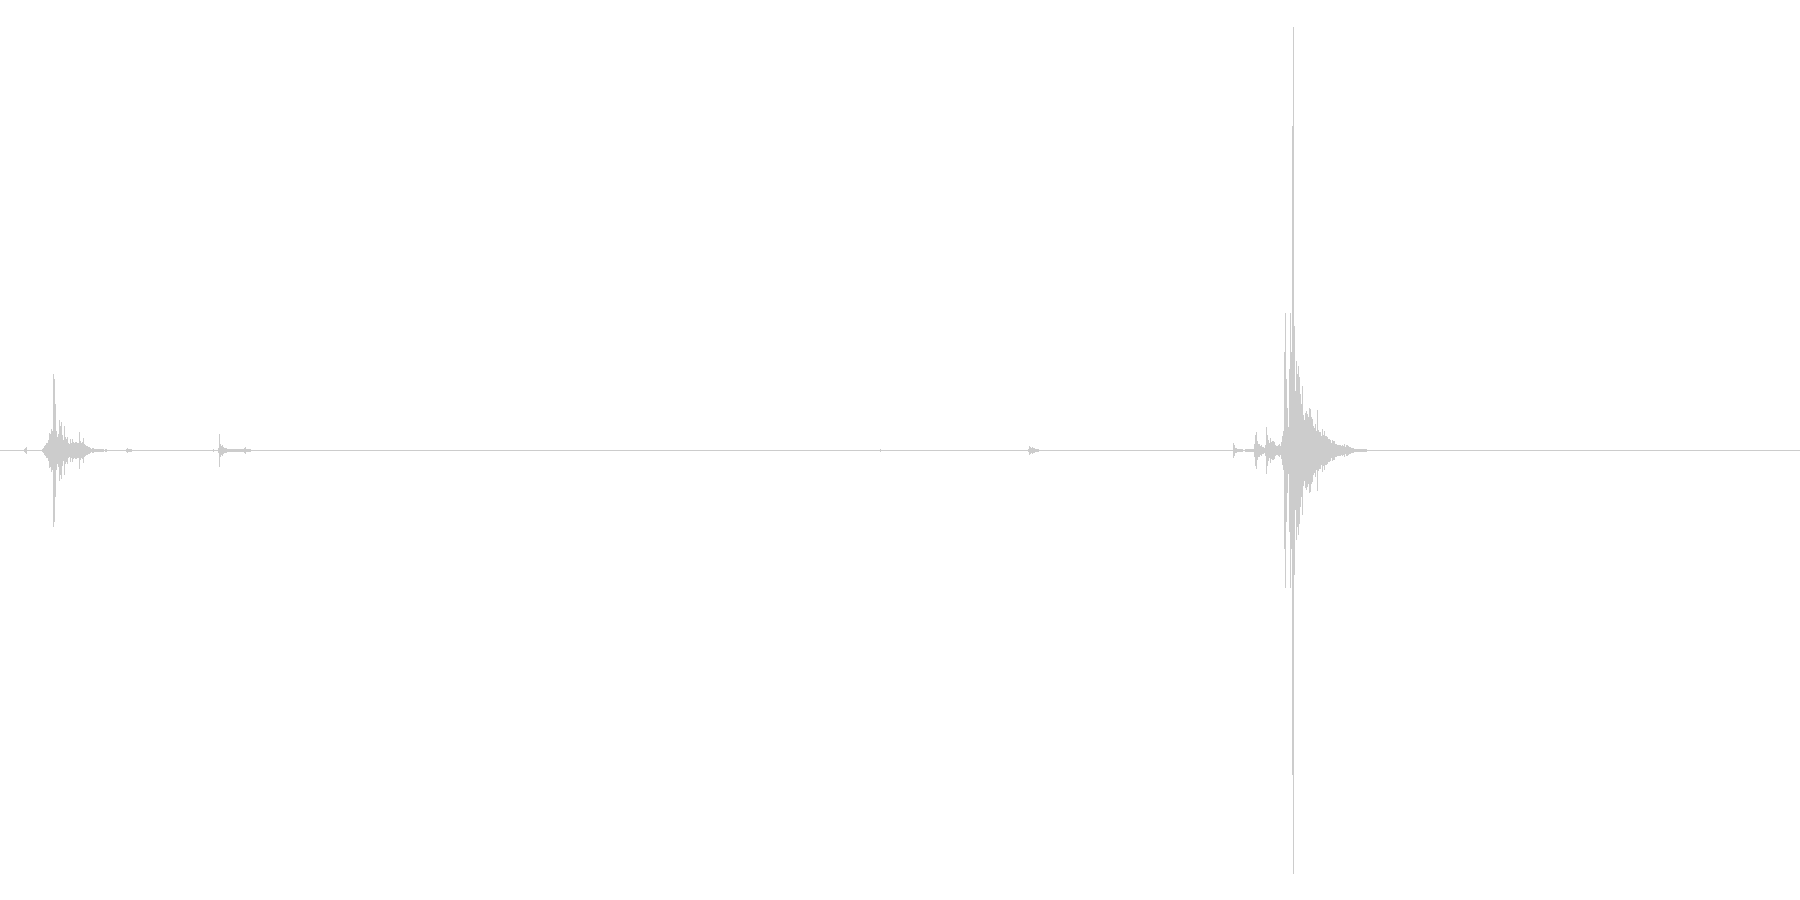 ハンドガン、イーグルタイプ。マガジン出…の未再生の波形